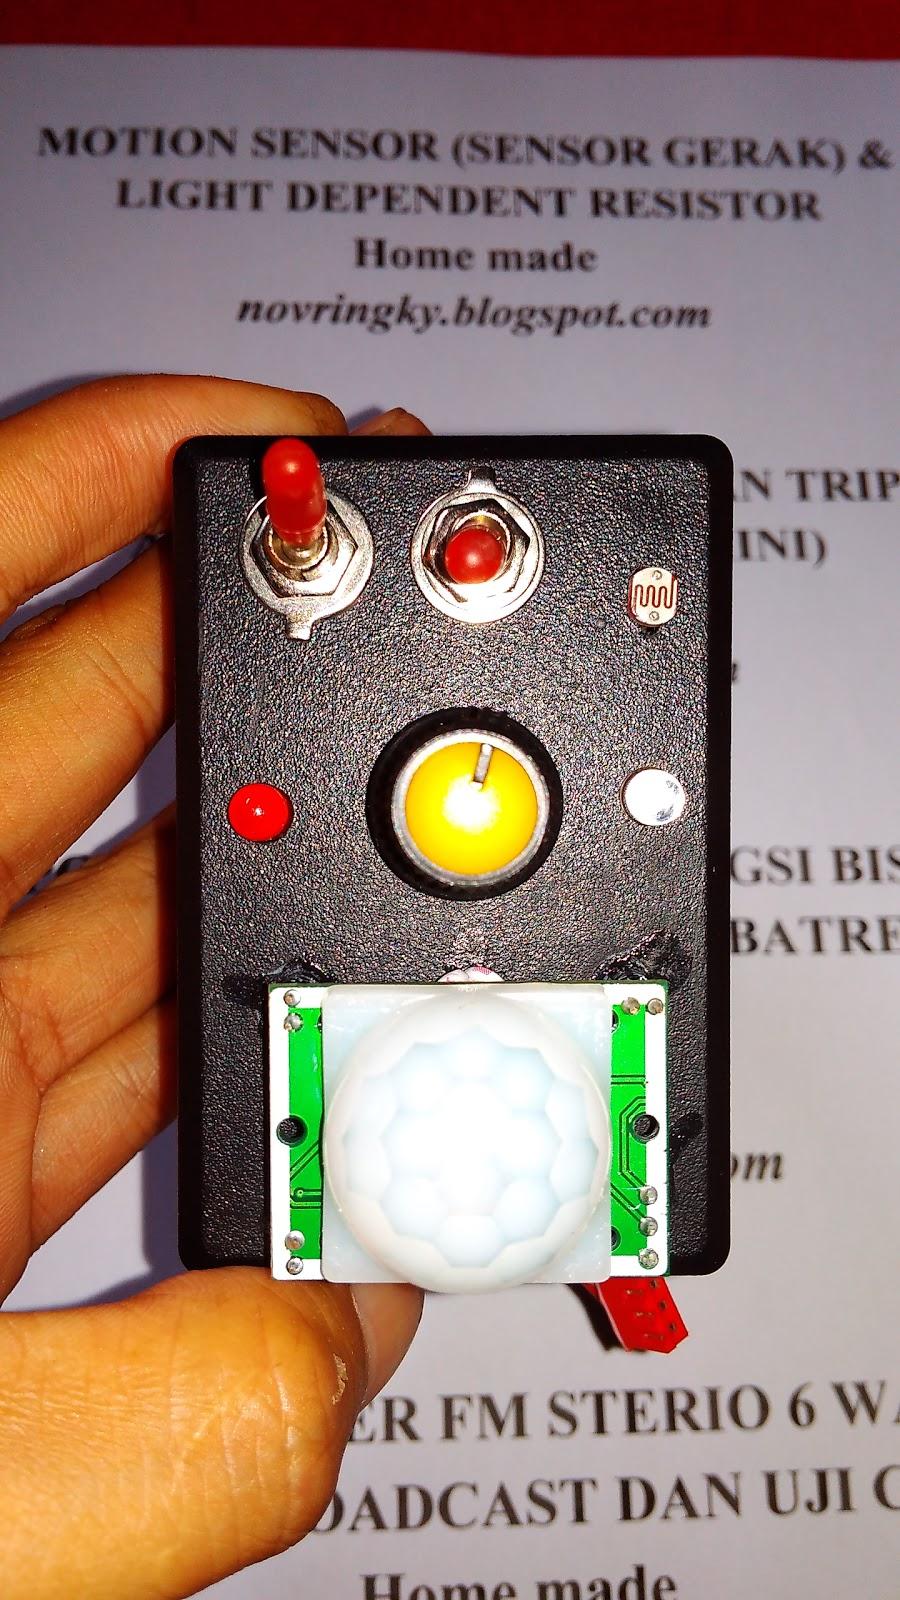 Membuat Sensor Gerak Dan Cahaya Dengan Biaya Murah Tanpa Ldr Motion Light Dependent Resistor Merupakan Yang Banyak Di Gunakan Pada Robotik Seperti Line Follower Automatic Switch